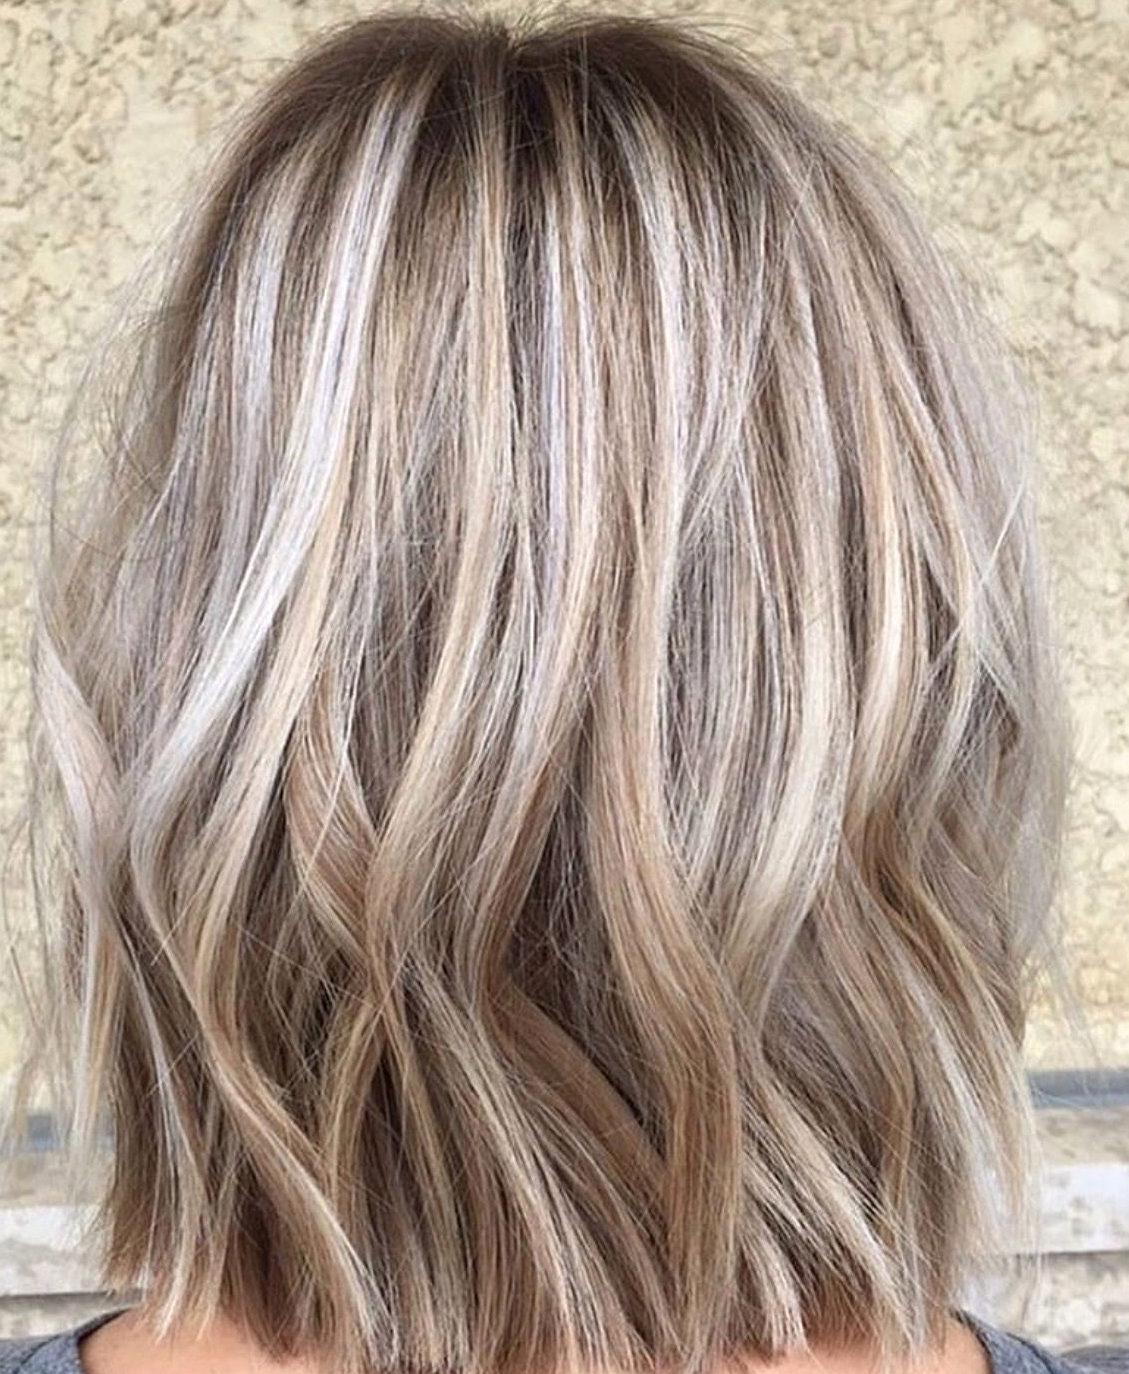 Dunkelblonde Haarfarben für kurze Haare